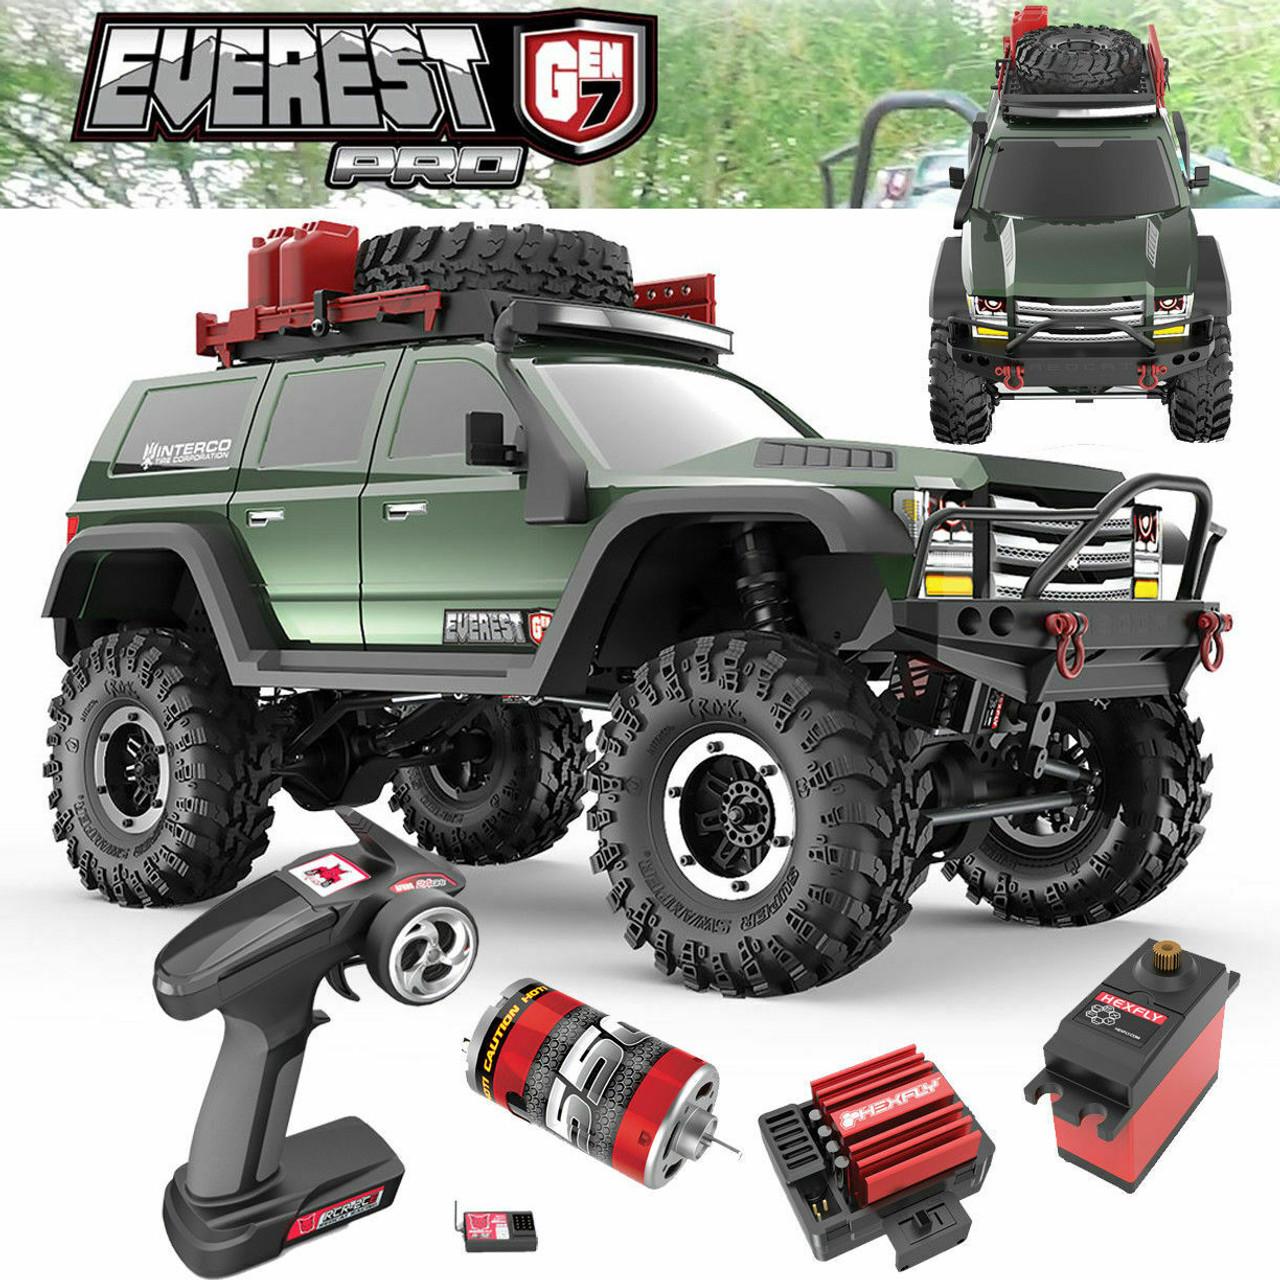 Redcat Racing Everest GEN 7 Pro1//10 Scale Crawler Motor 550